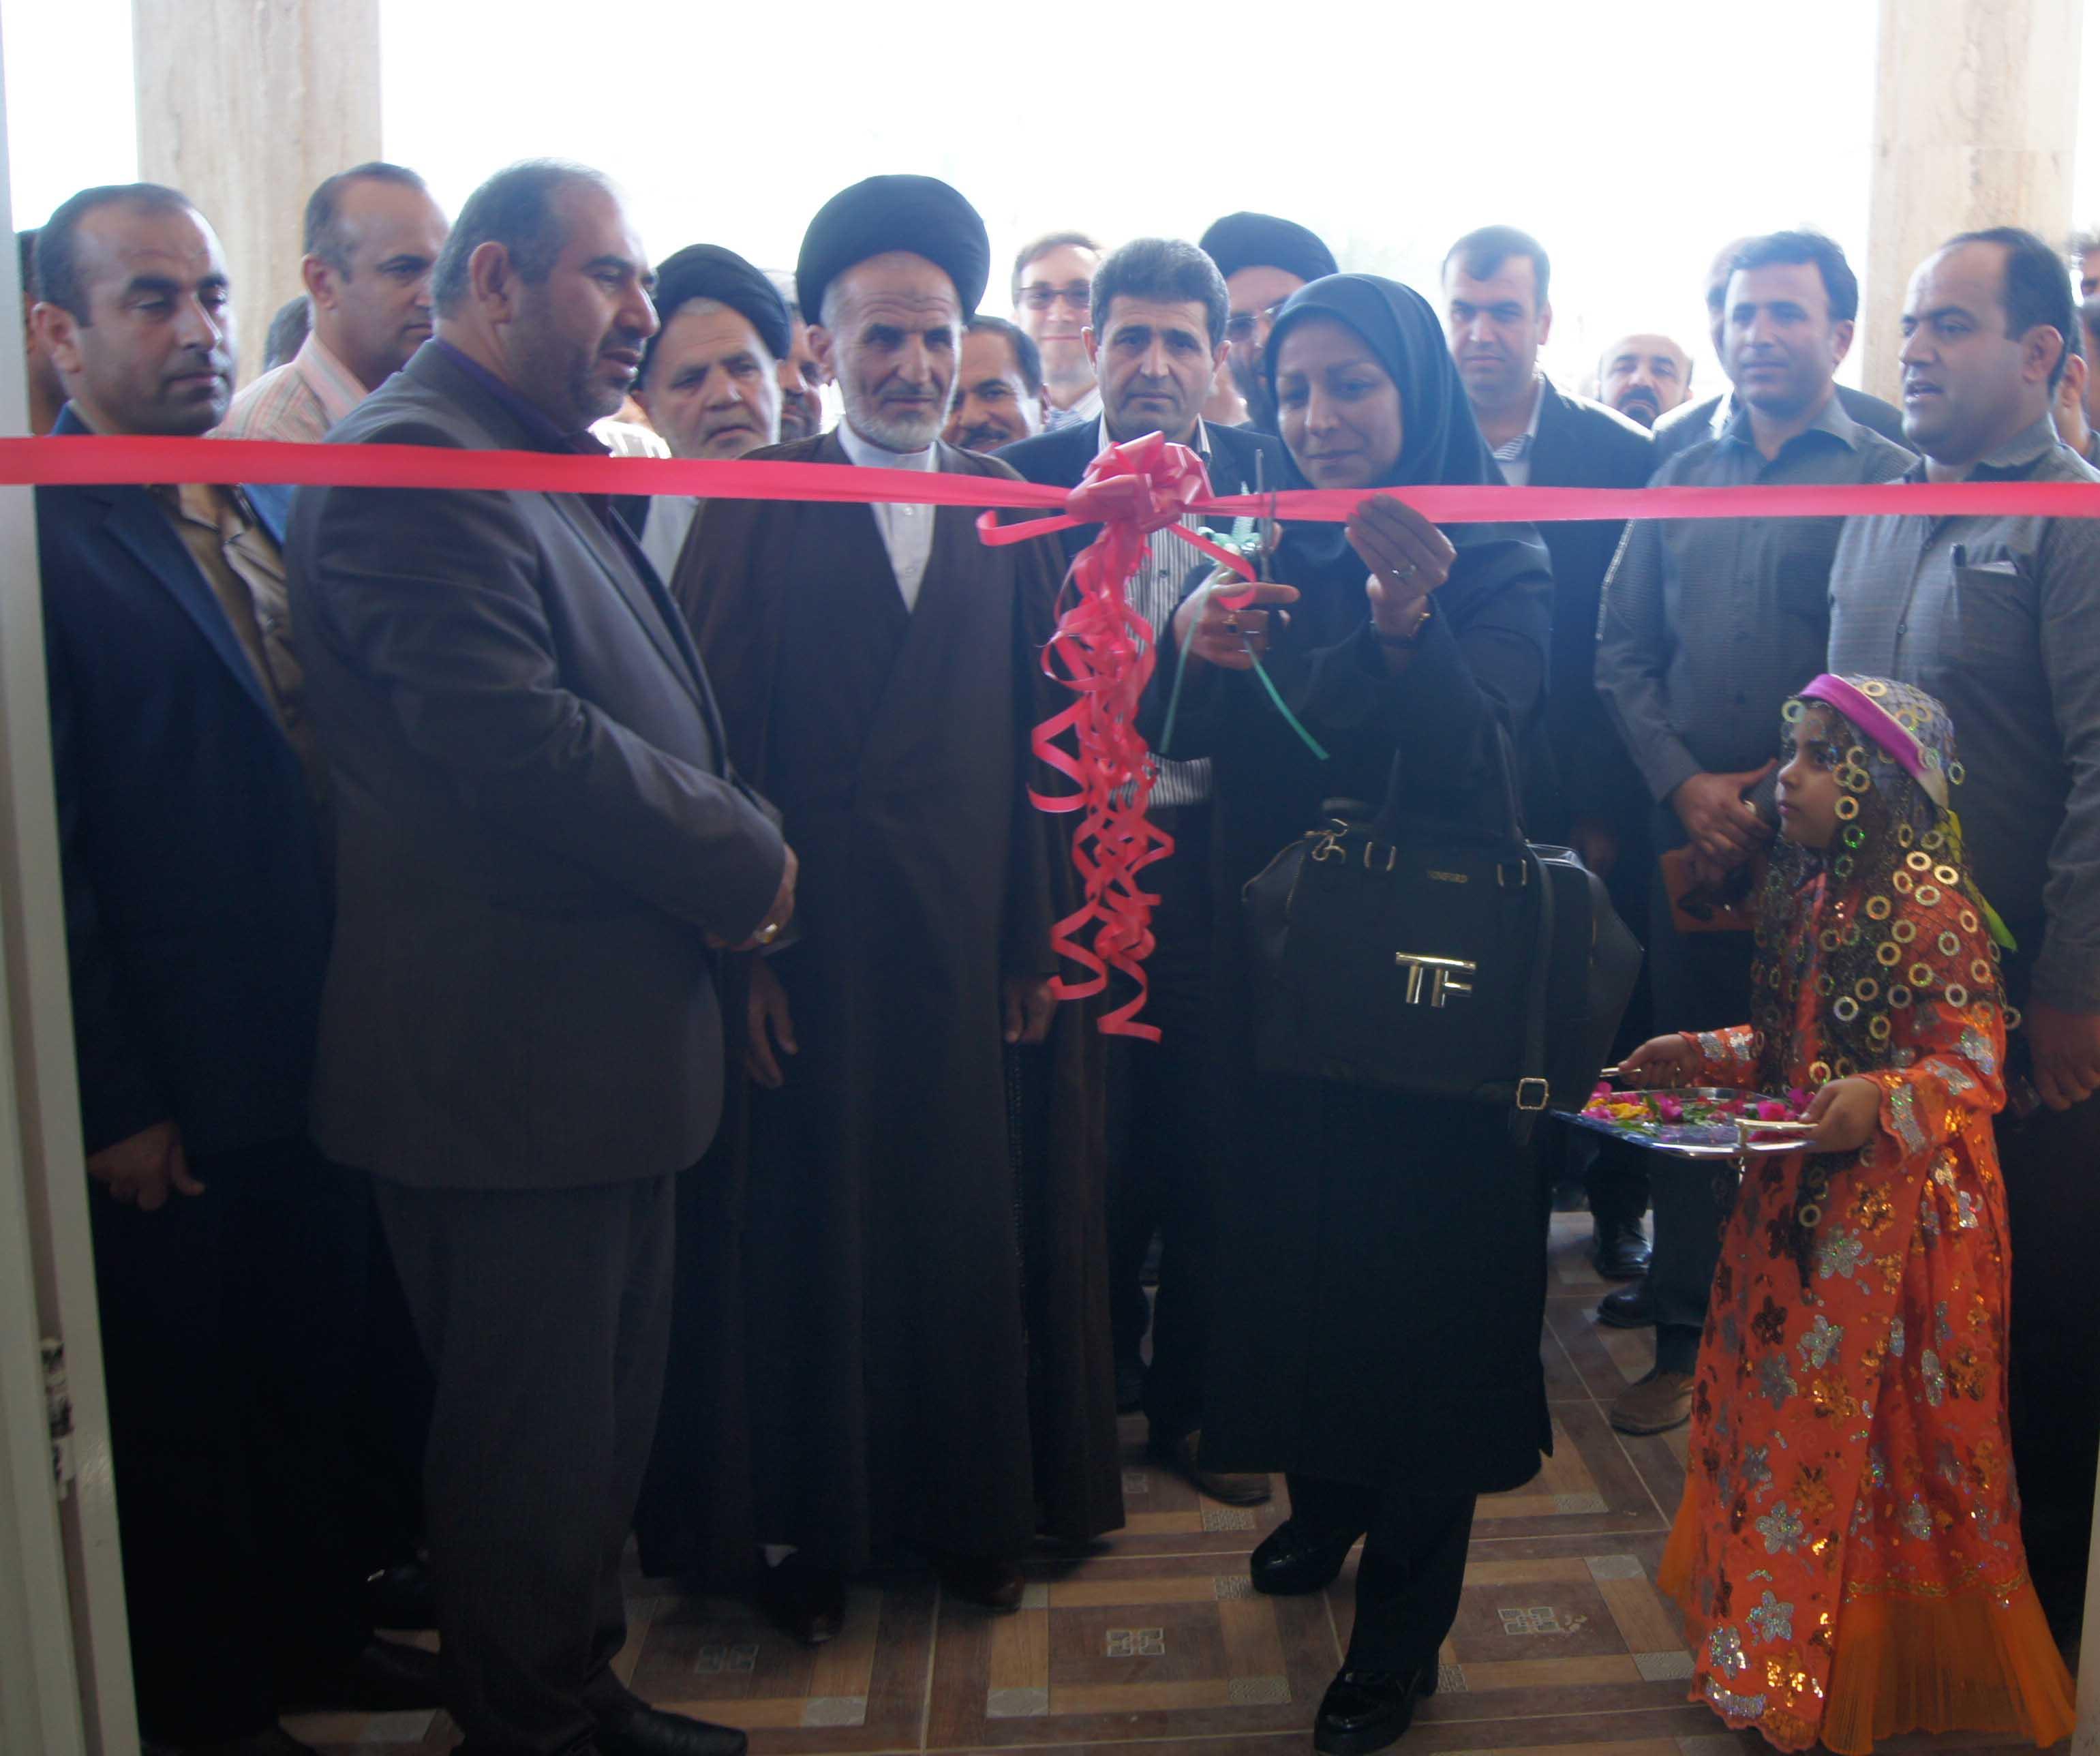 قطار سروش افتتاح دو کتابخانه در جنوب فارس | دو کتابخانه عمومی در شهرستان